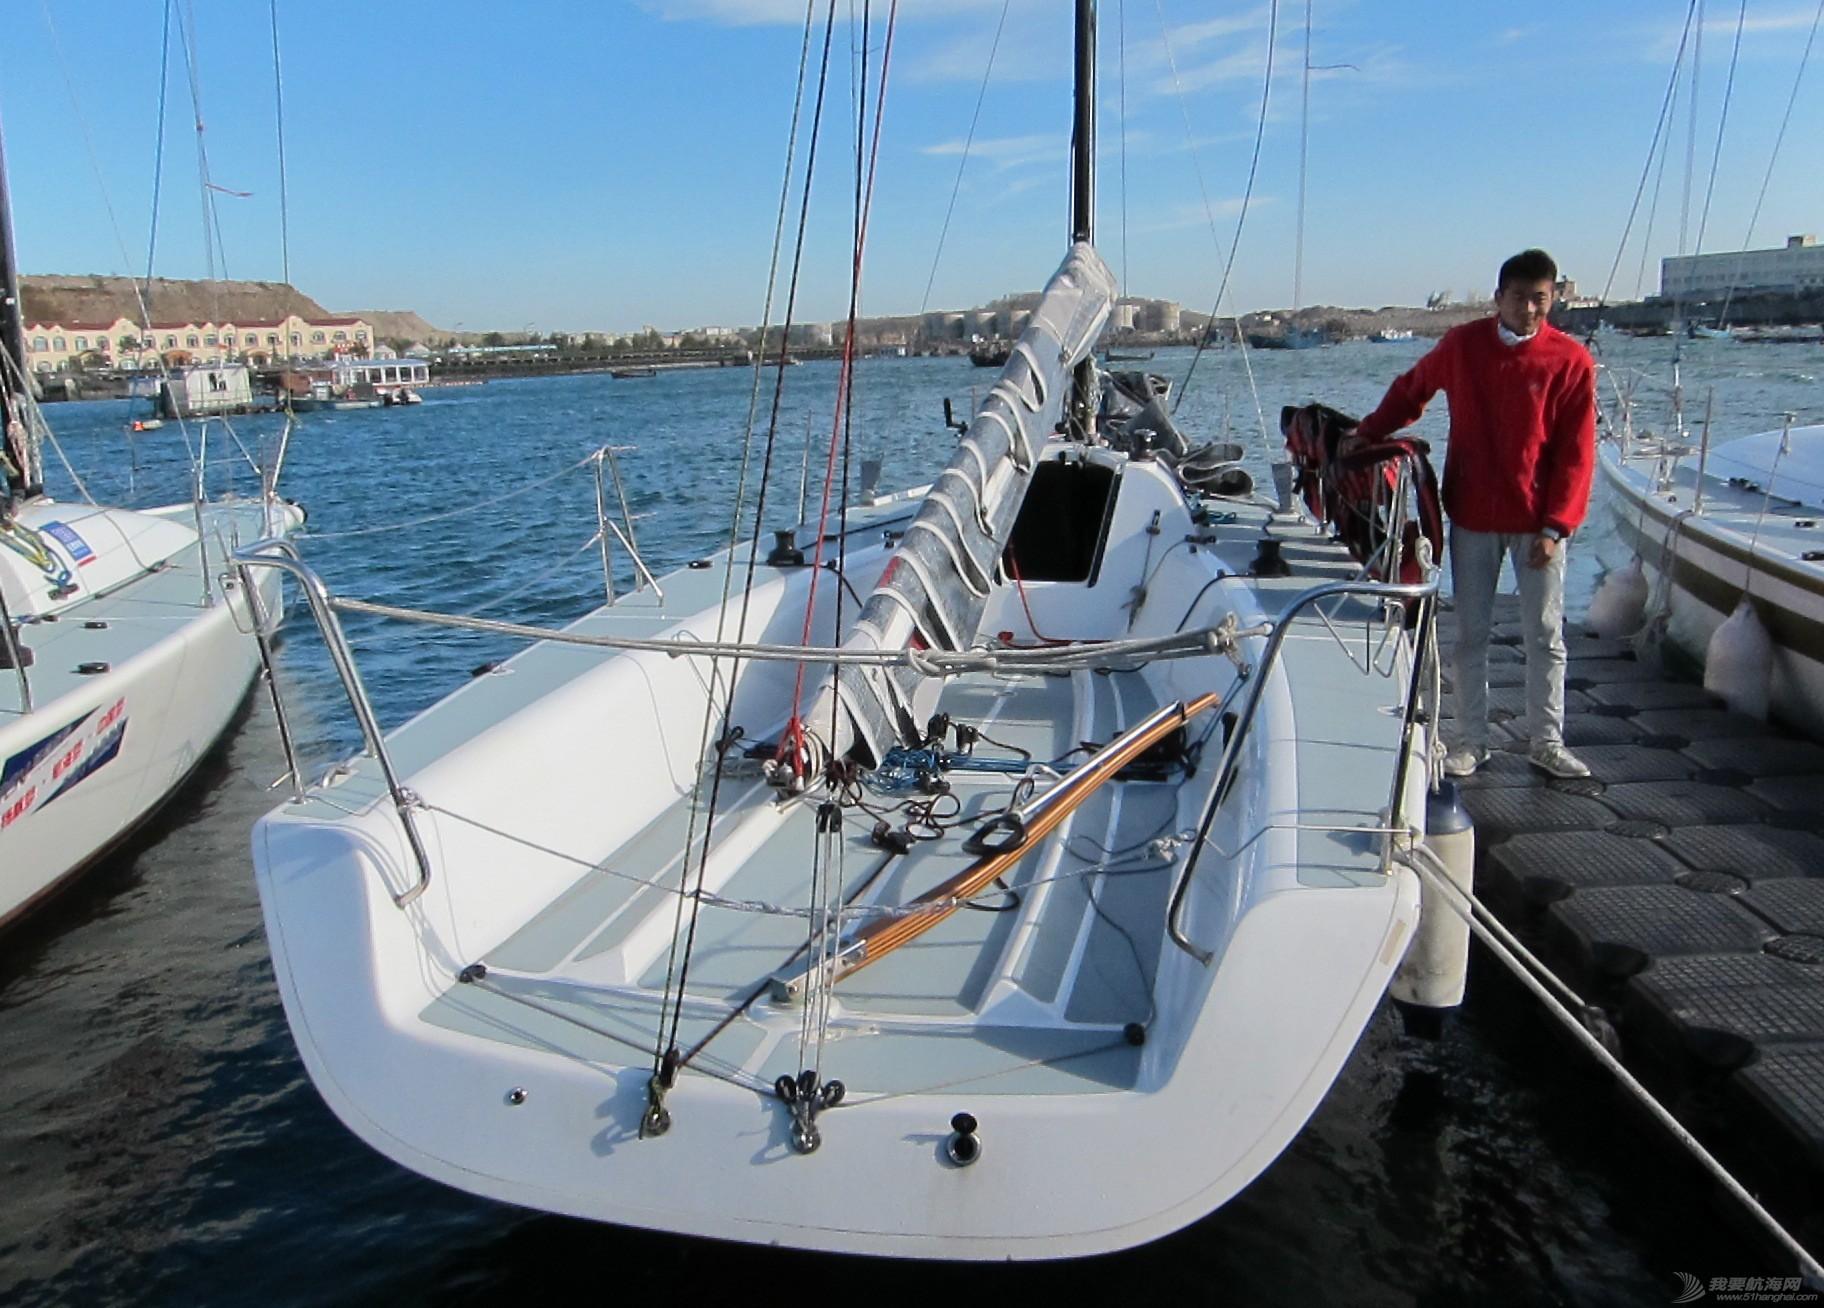 帆船,如何 如何开一艘现代帆船【帆友原创】 FtDhv8xyUcrKRt9hbY-QhCJGHDet.jpg